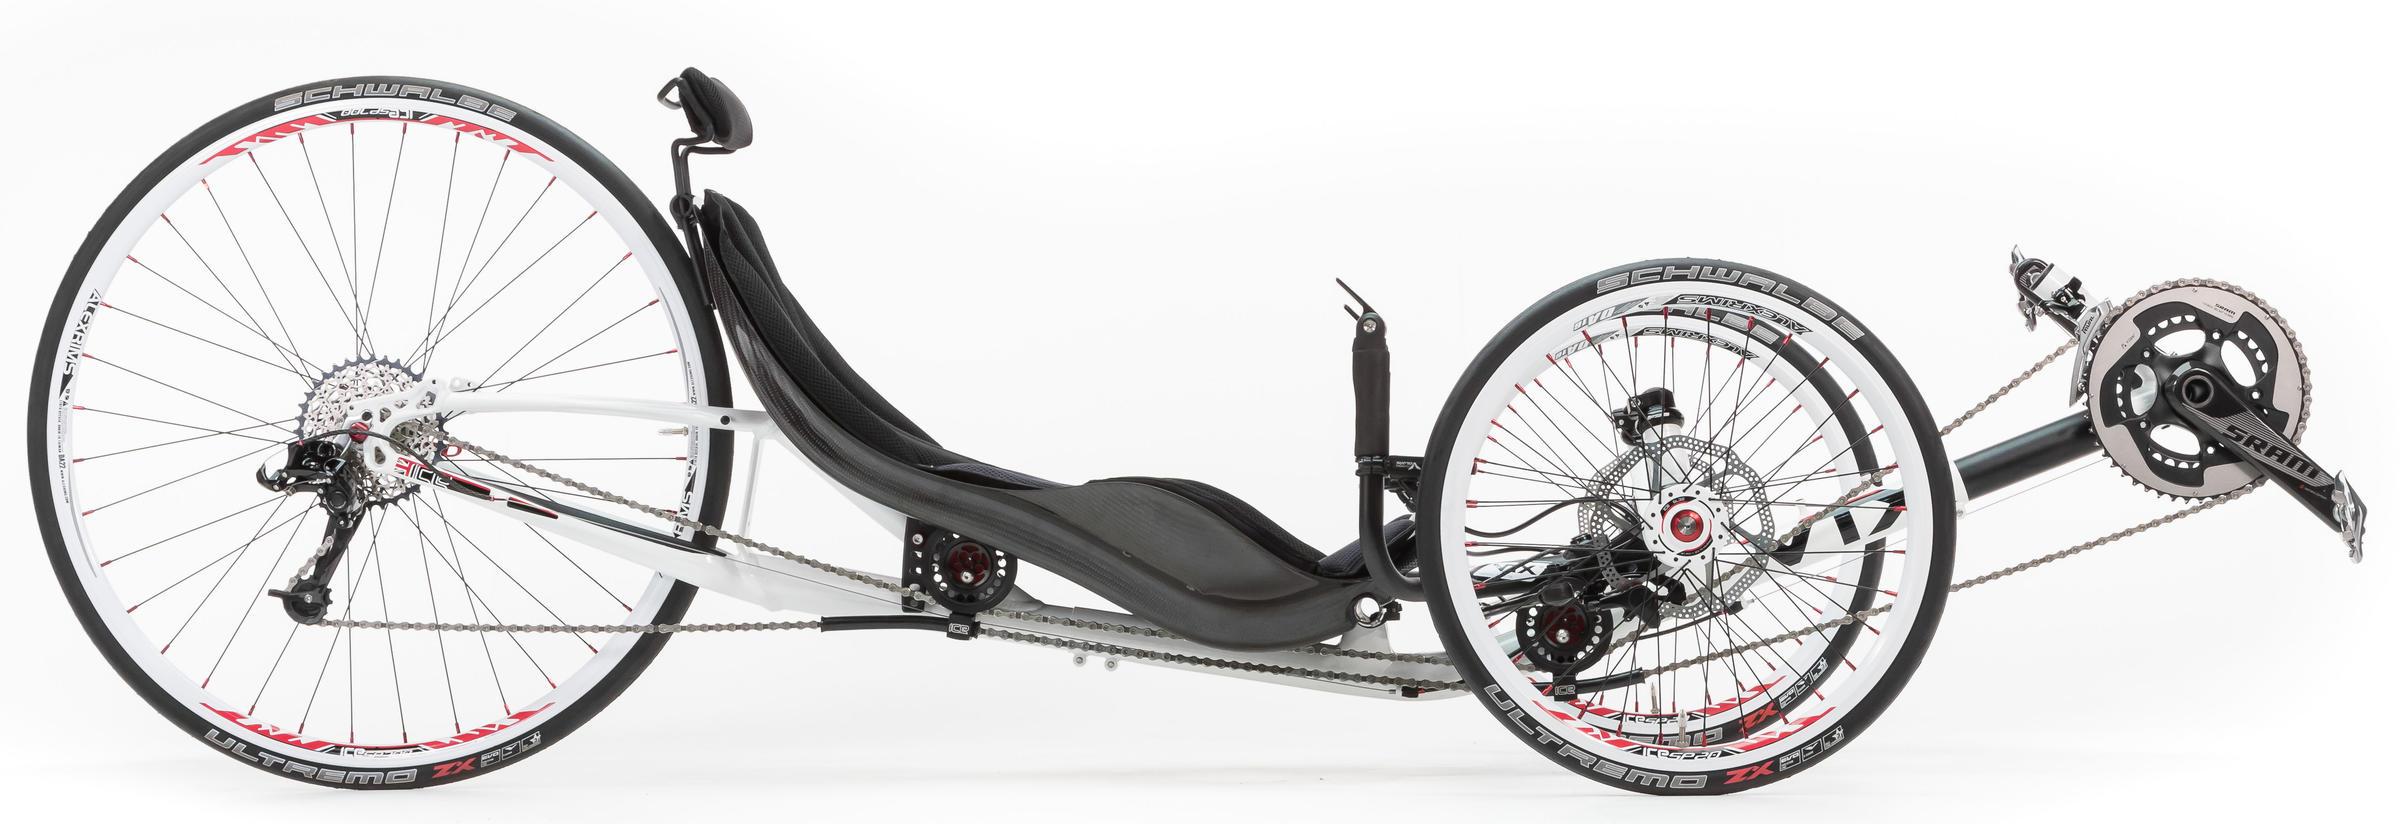 Ice Trikes Vtx Plus